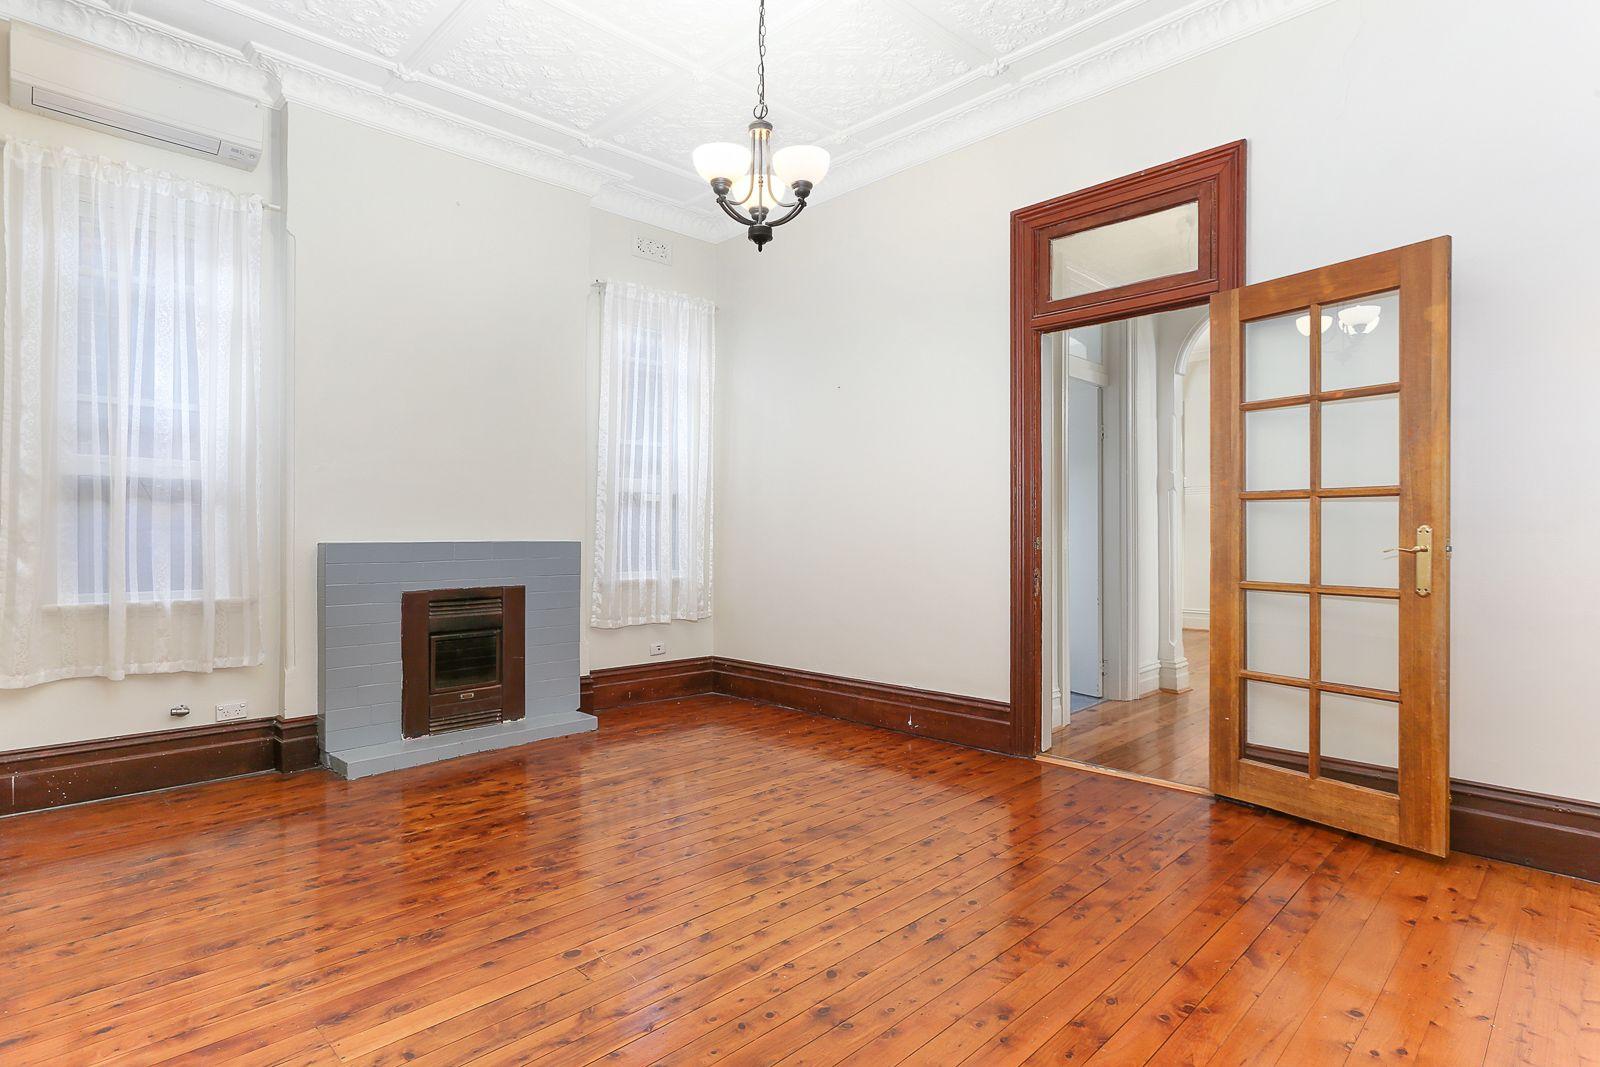 39 Leichhardt Street, Leichhardt NSW 2040, Image 1